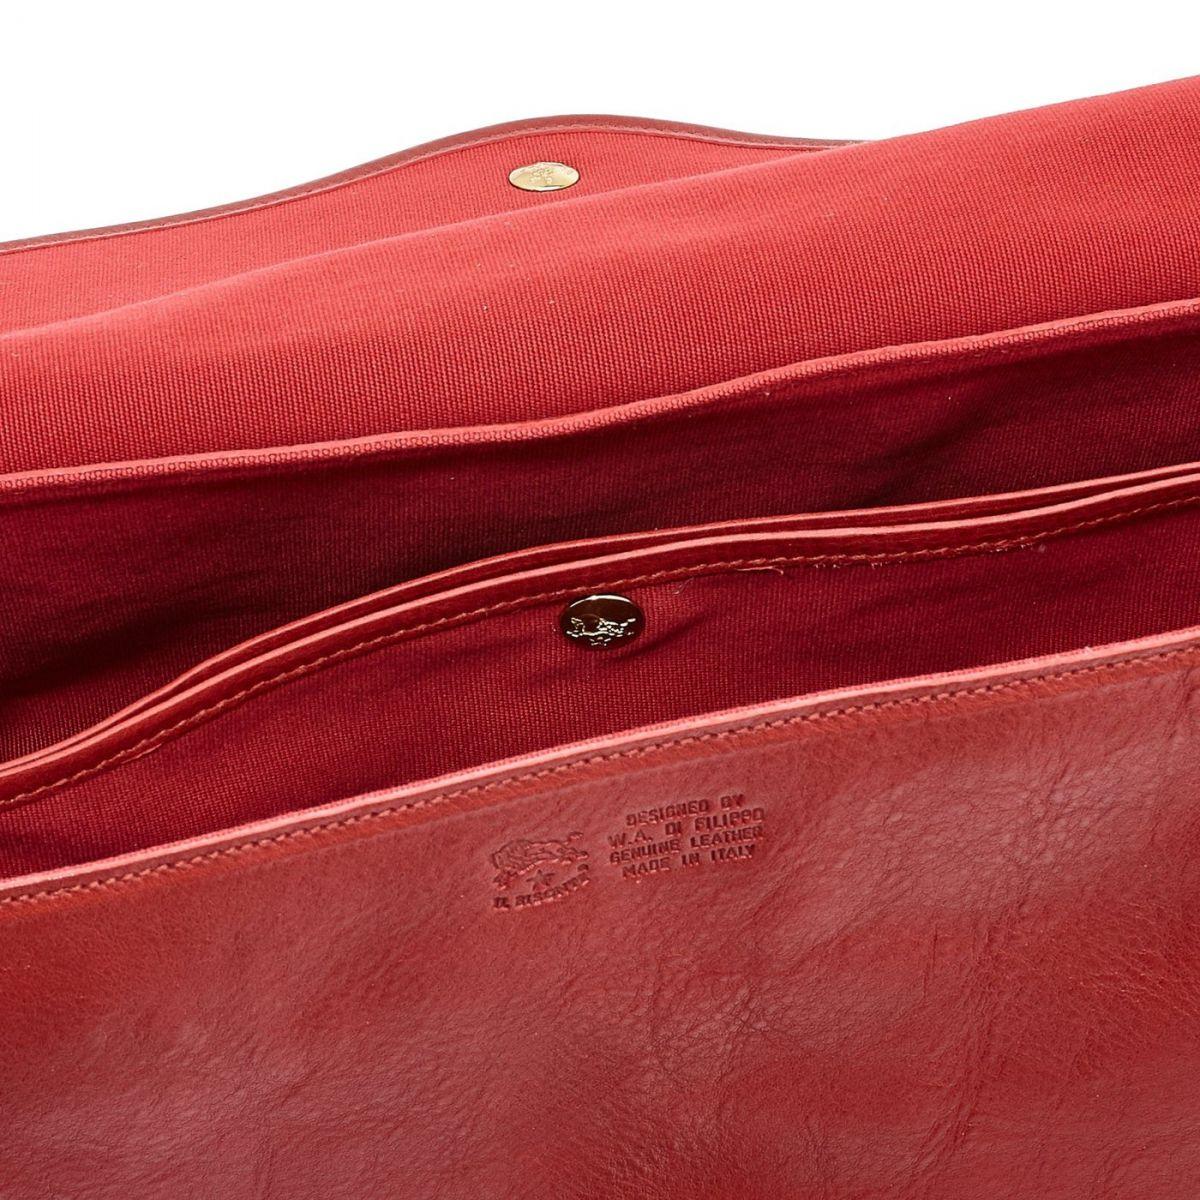 Sac Epaule pour Femme en Cuir De Vachette Doublé BSH034 couleur Rouge | Details